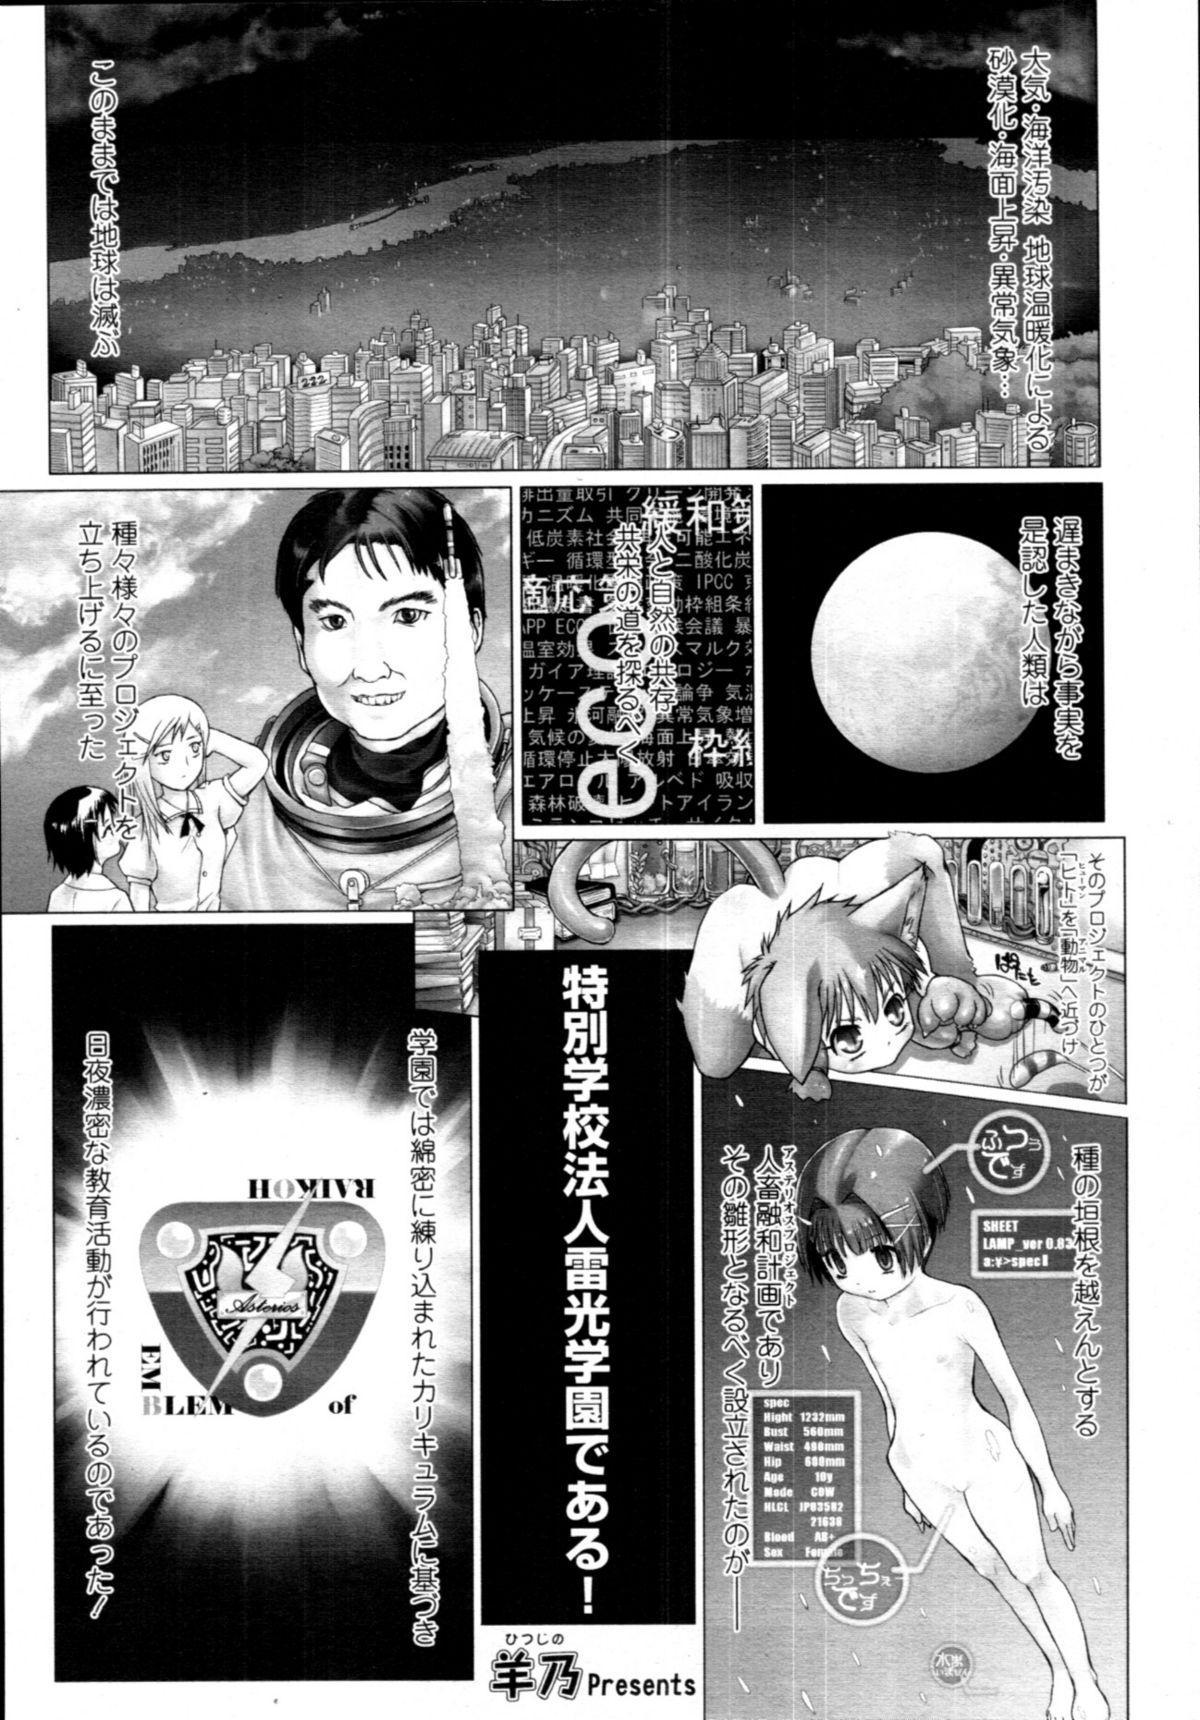 COMIC Tenma 2011-05 243